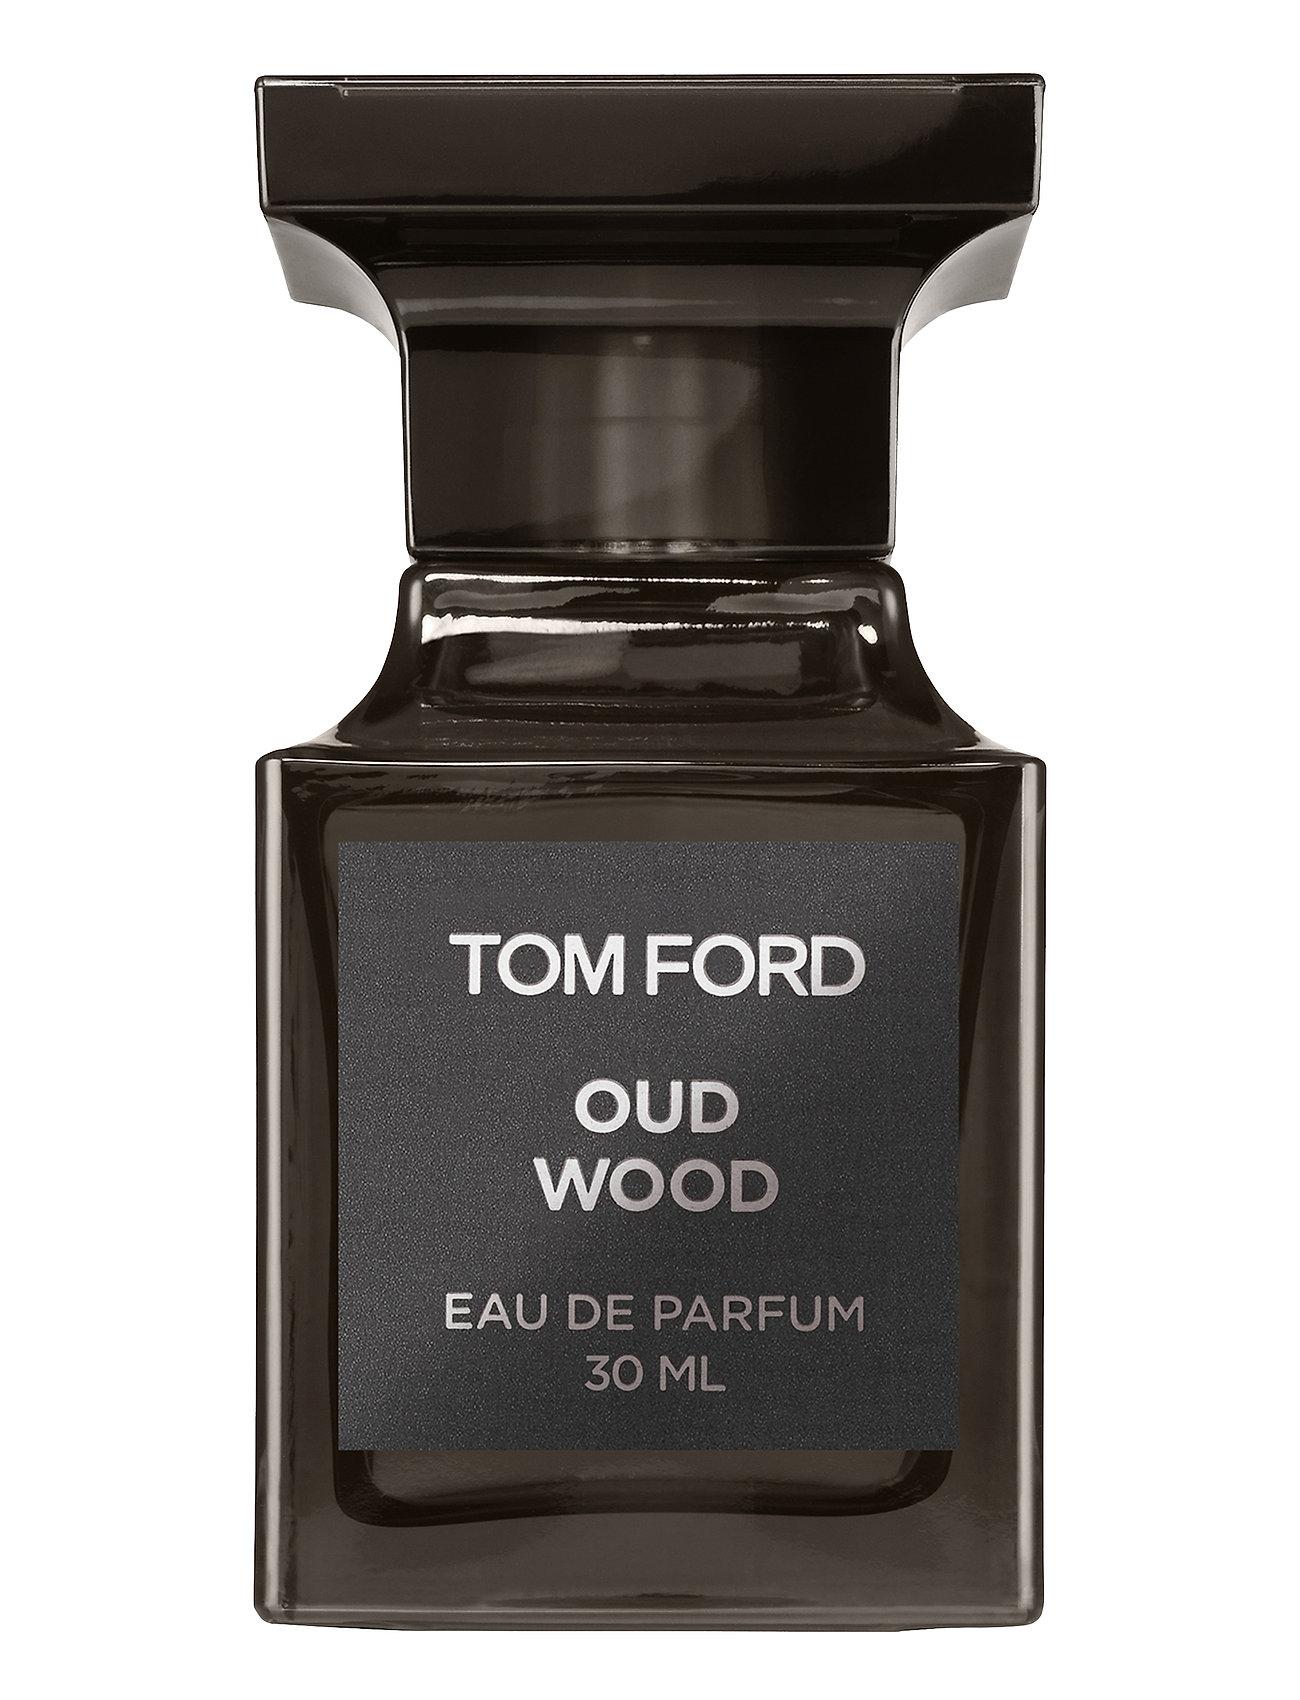 Oud wood eau de parfum fra tom ford på boozt.com dk